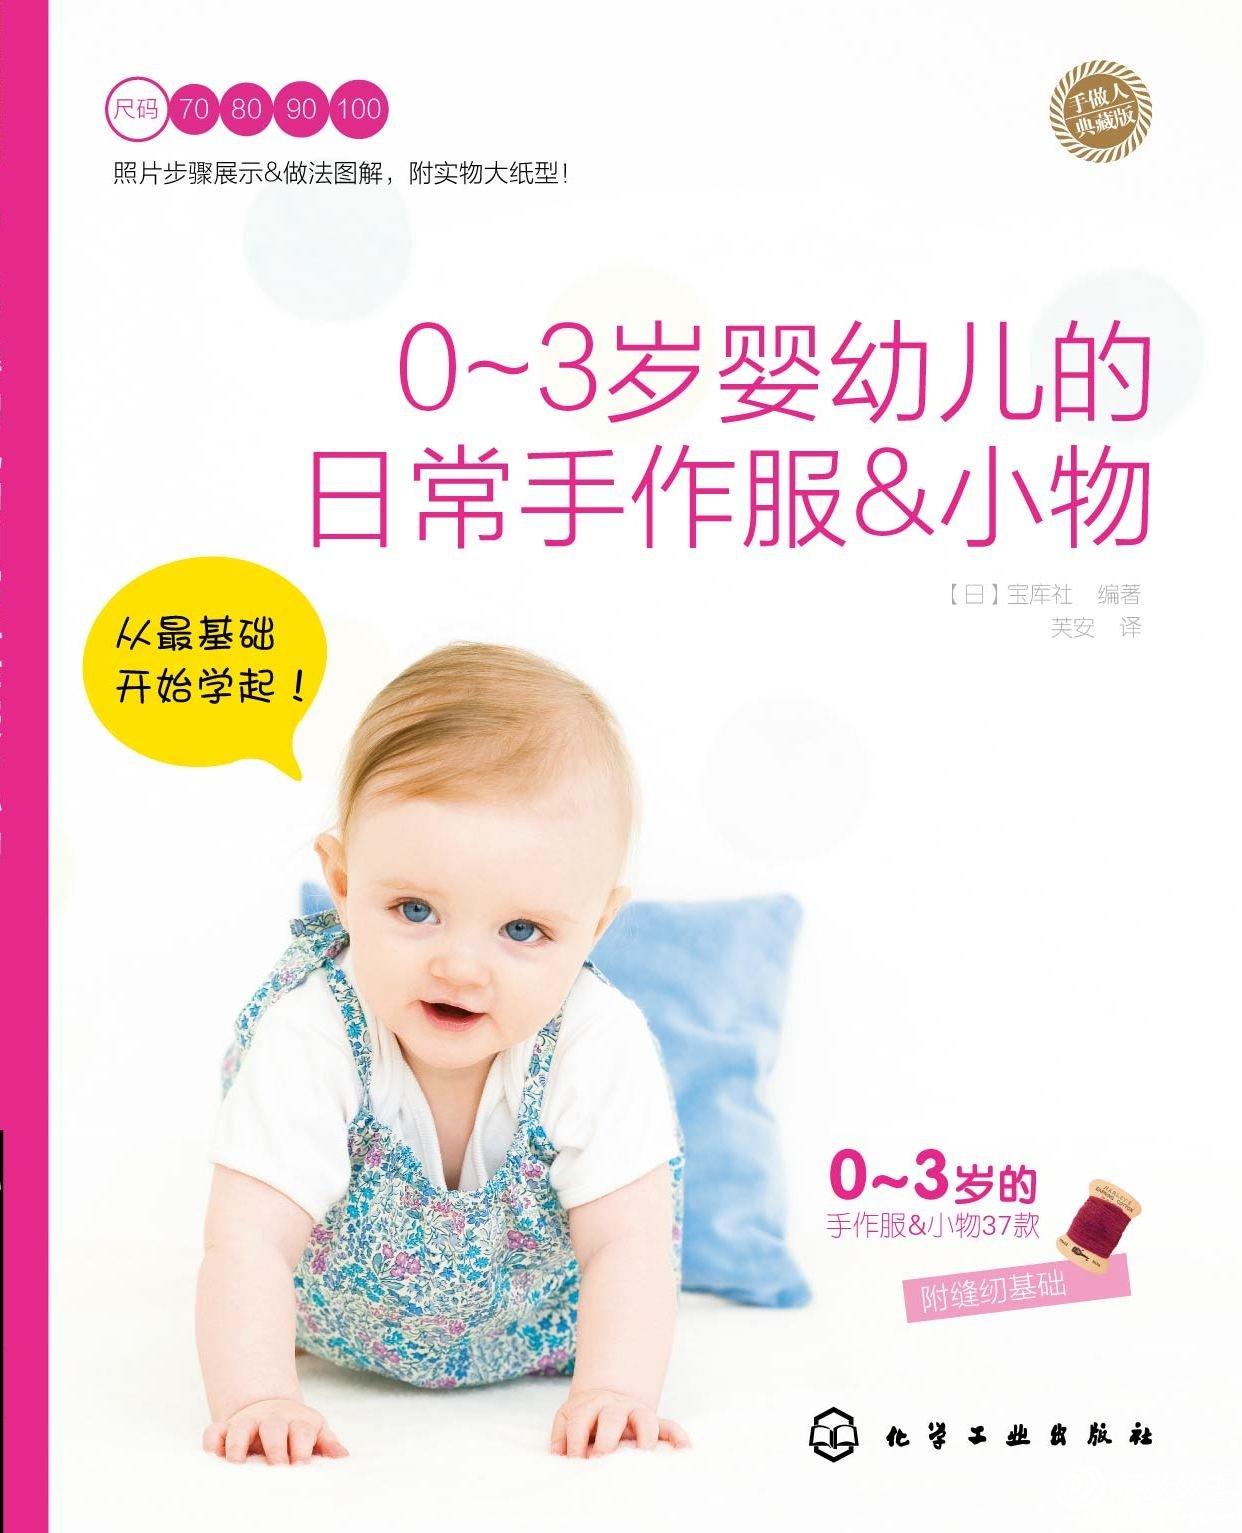 复件 0-3岁婴幼儿的日常手作服.jpg